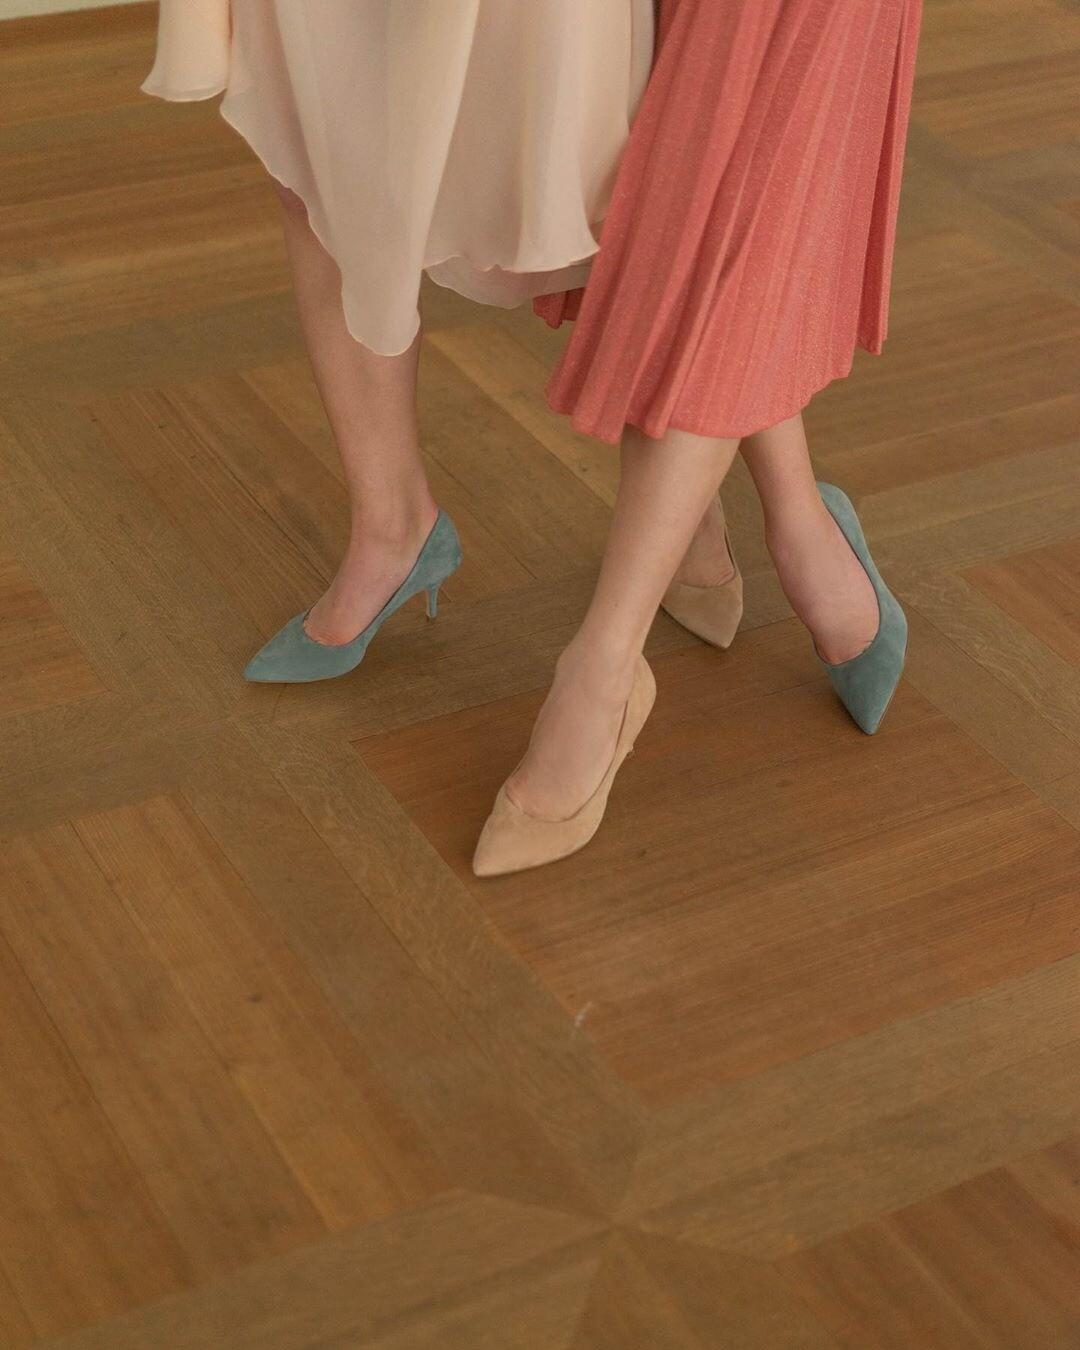 5 российских брендов обуви, которые ничем не хуже западных